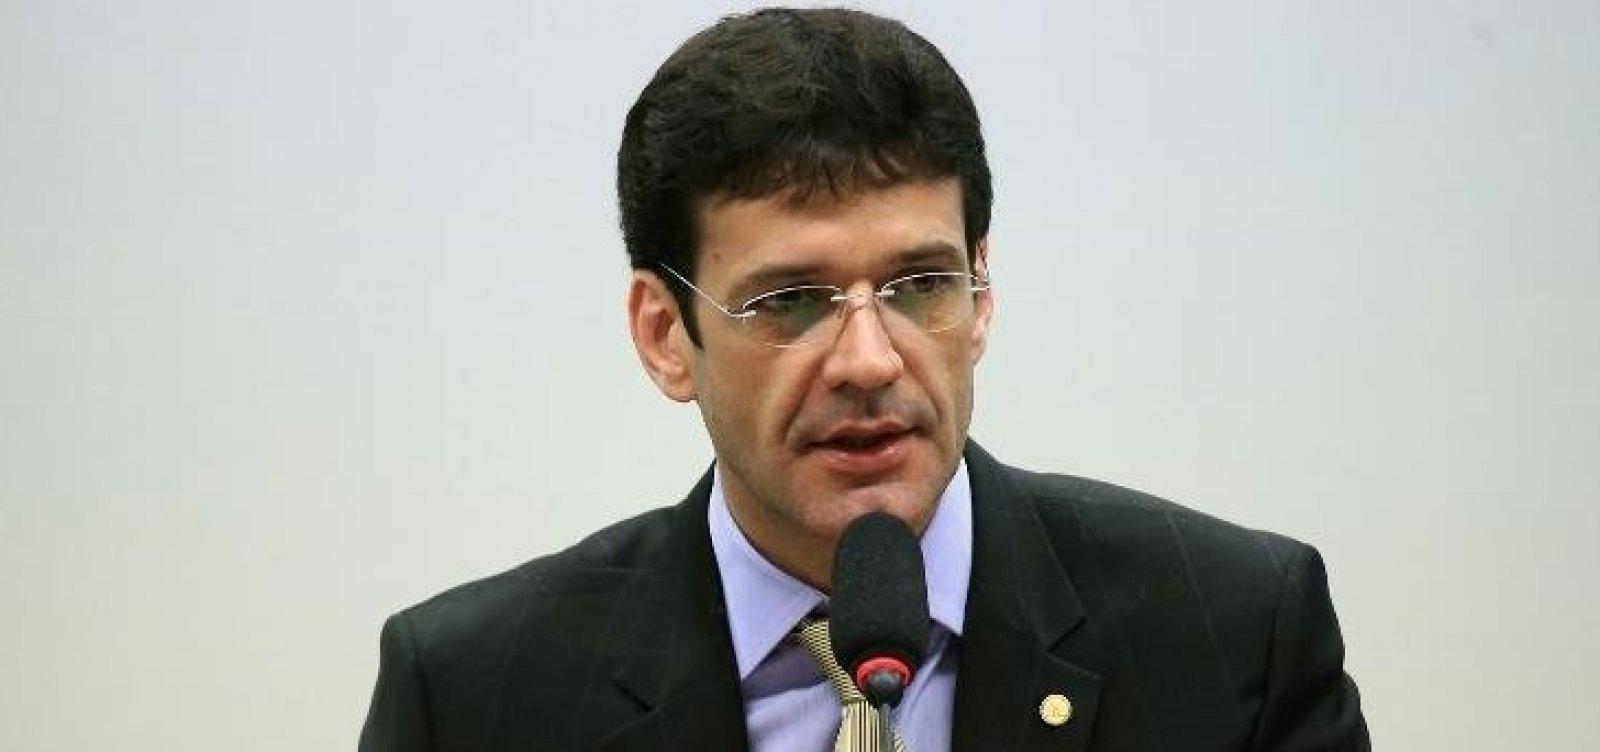 Procuradoria vê indício de caixa 2 em nova acusação sobre ministro do Turismo